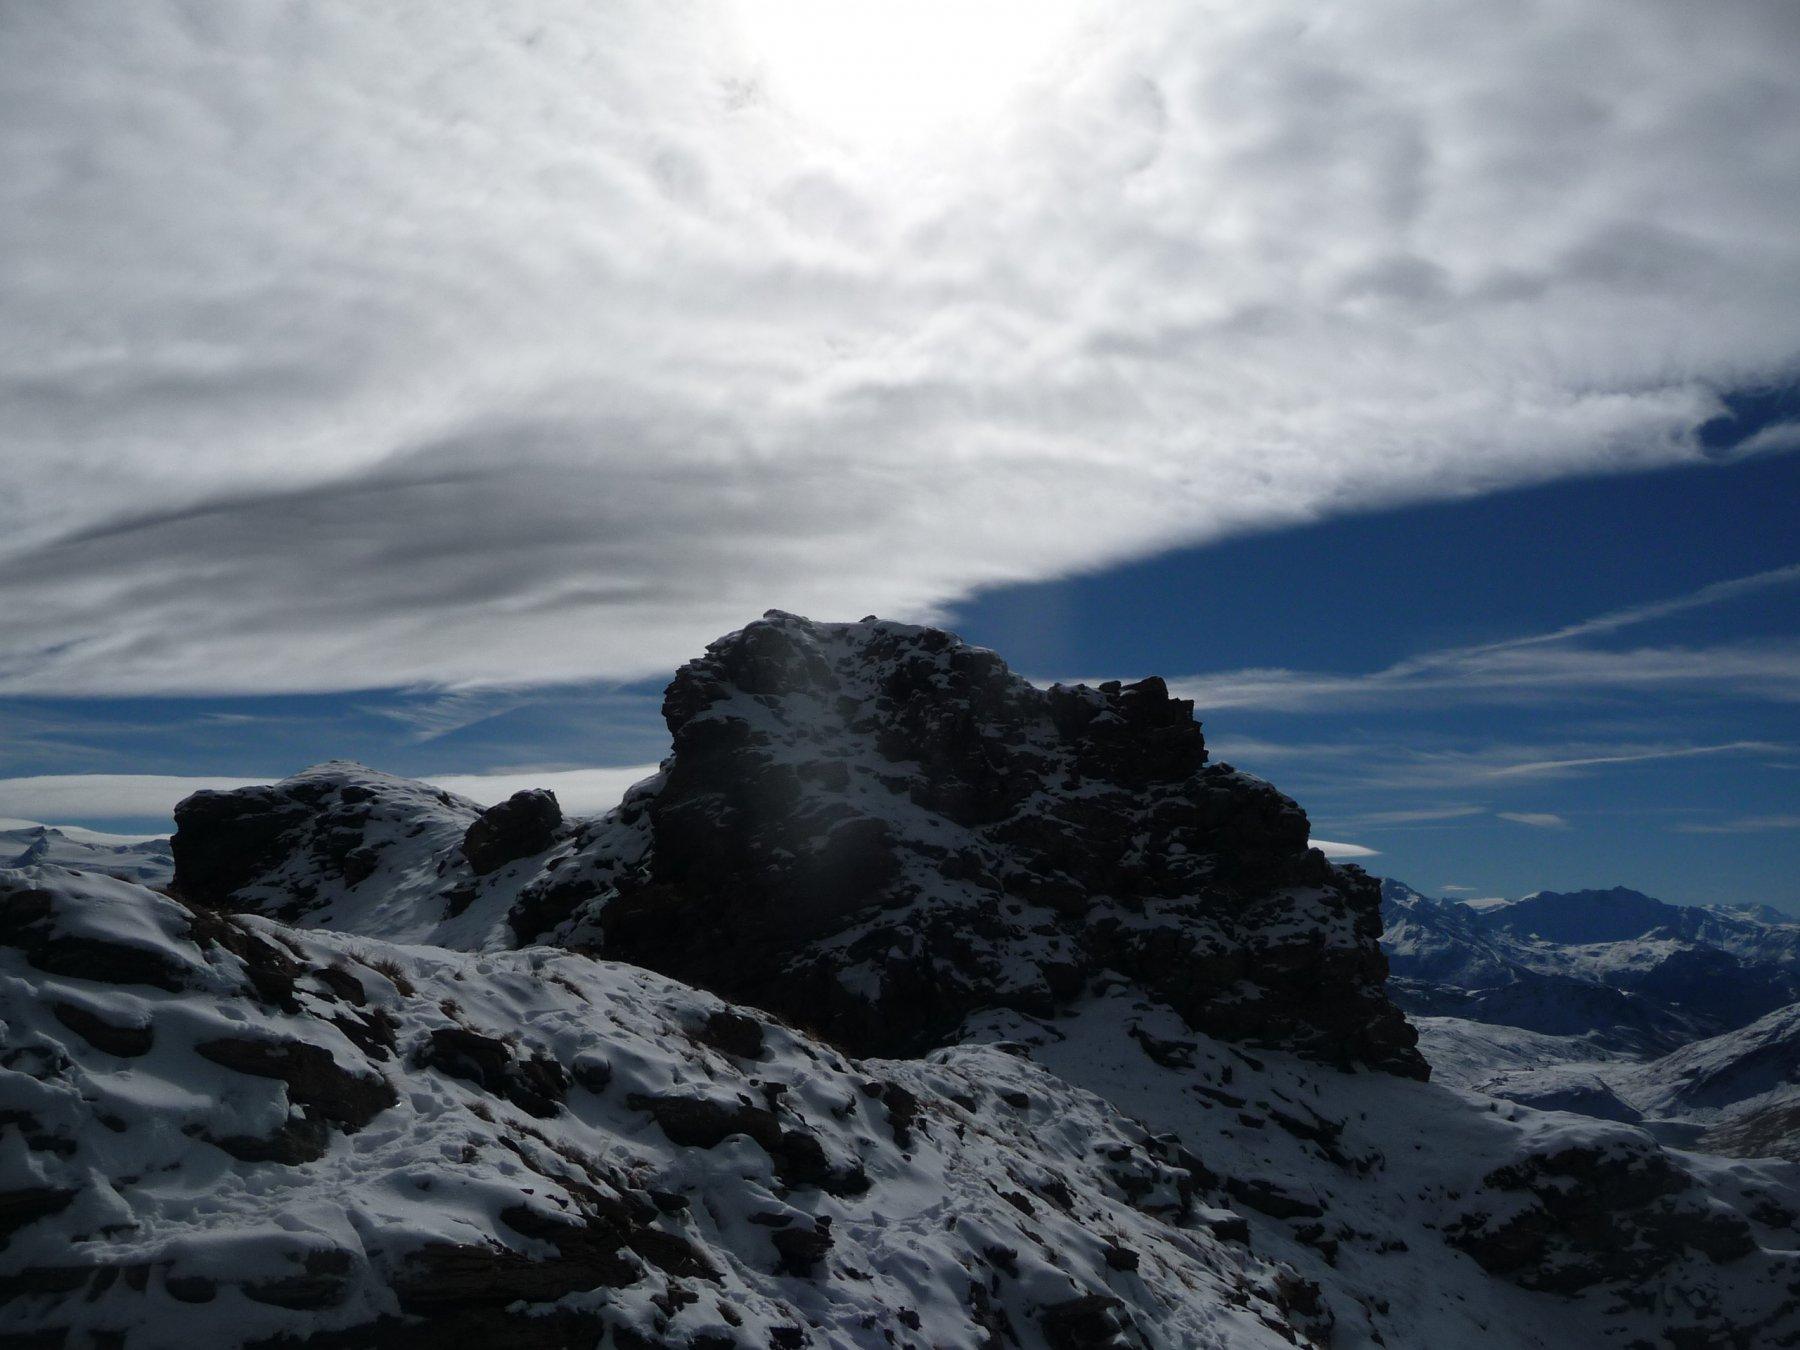 il castello roccioso che separa l'anticima dalla cima: il traverso appare a destra